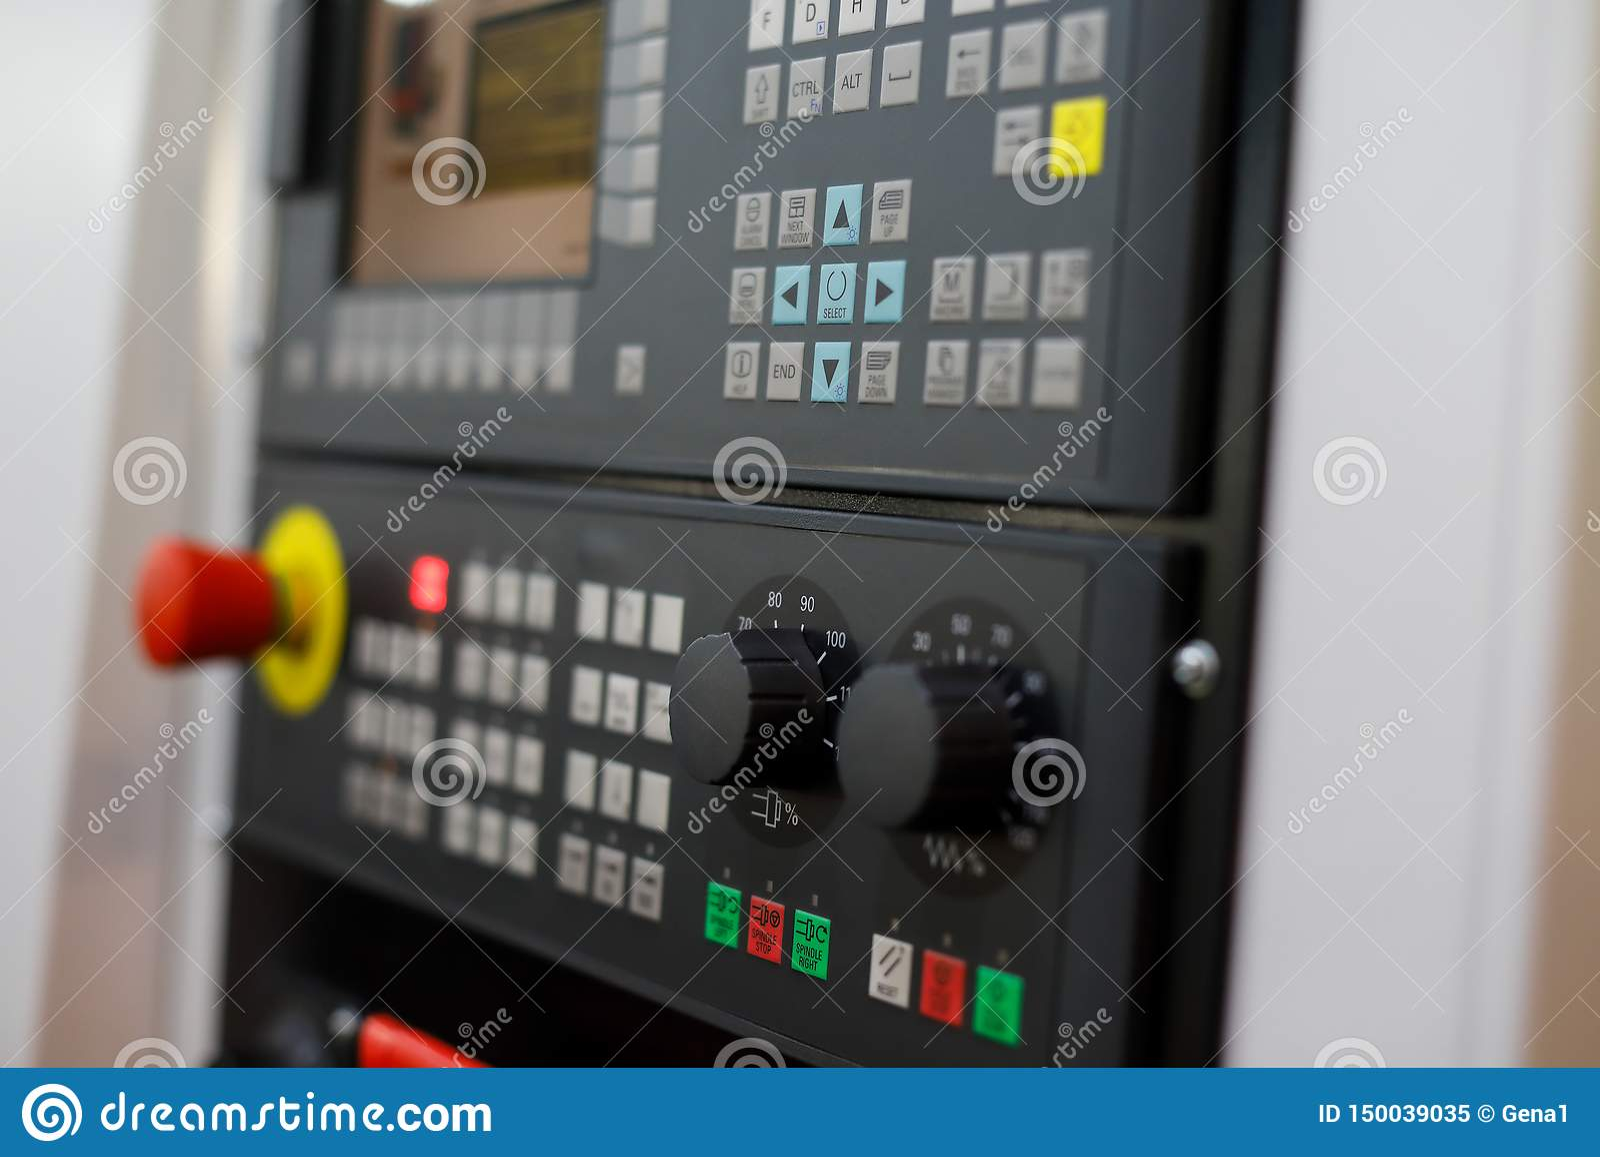 Πίνακας ελέγχου της σύγχρονης CNC μηχανής τόρνου